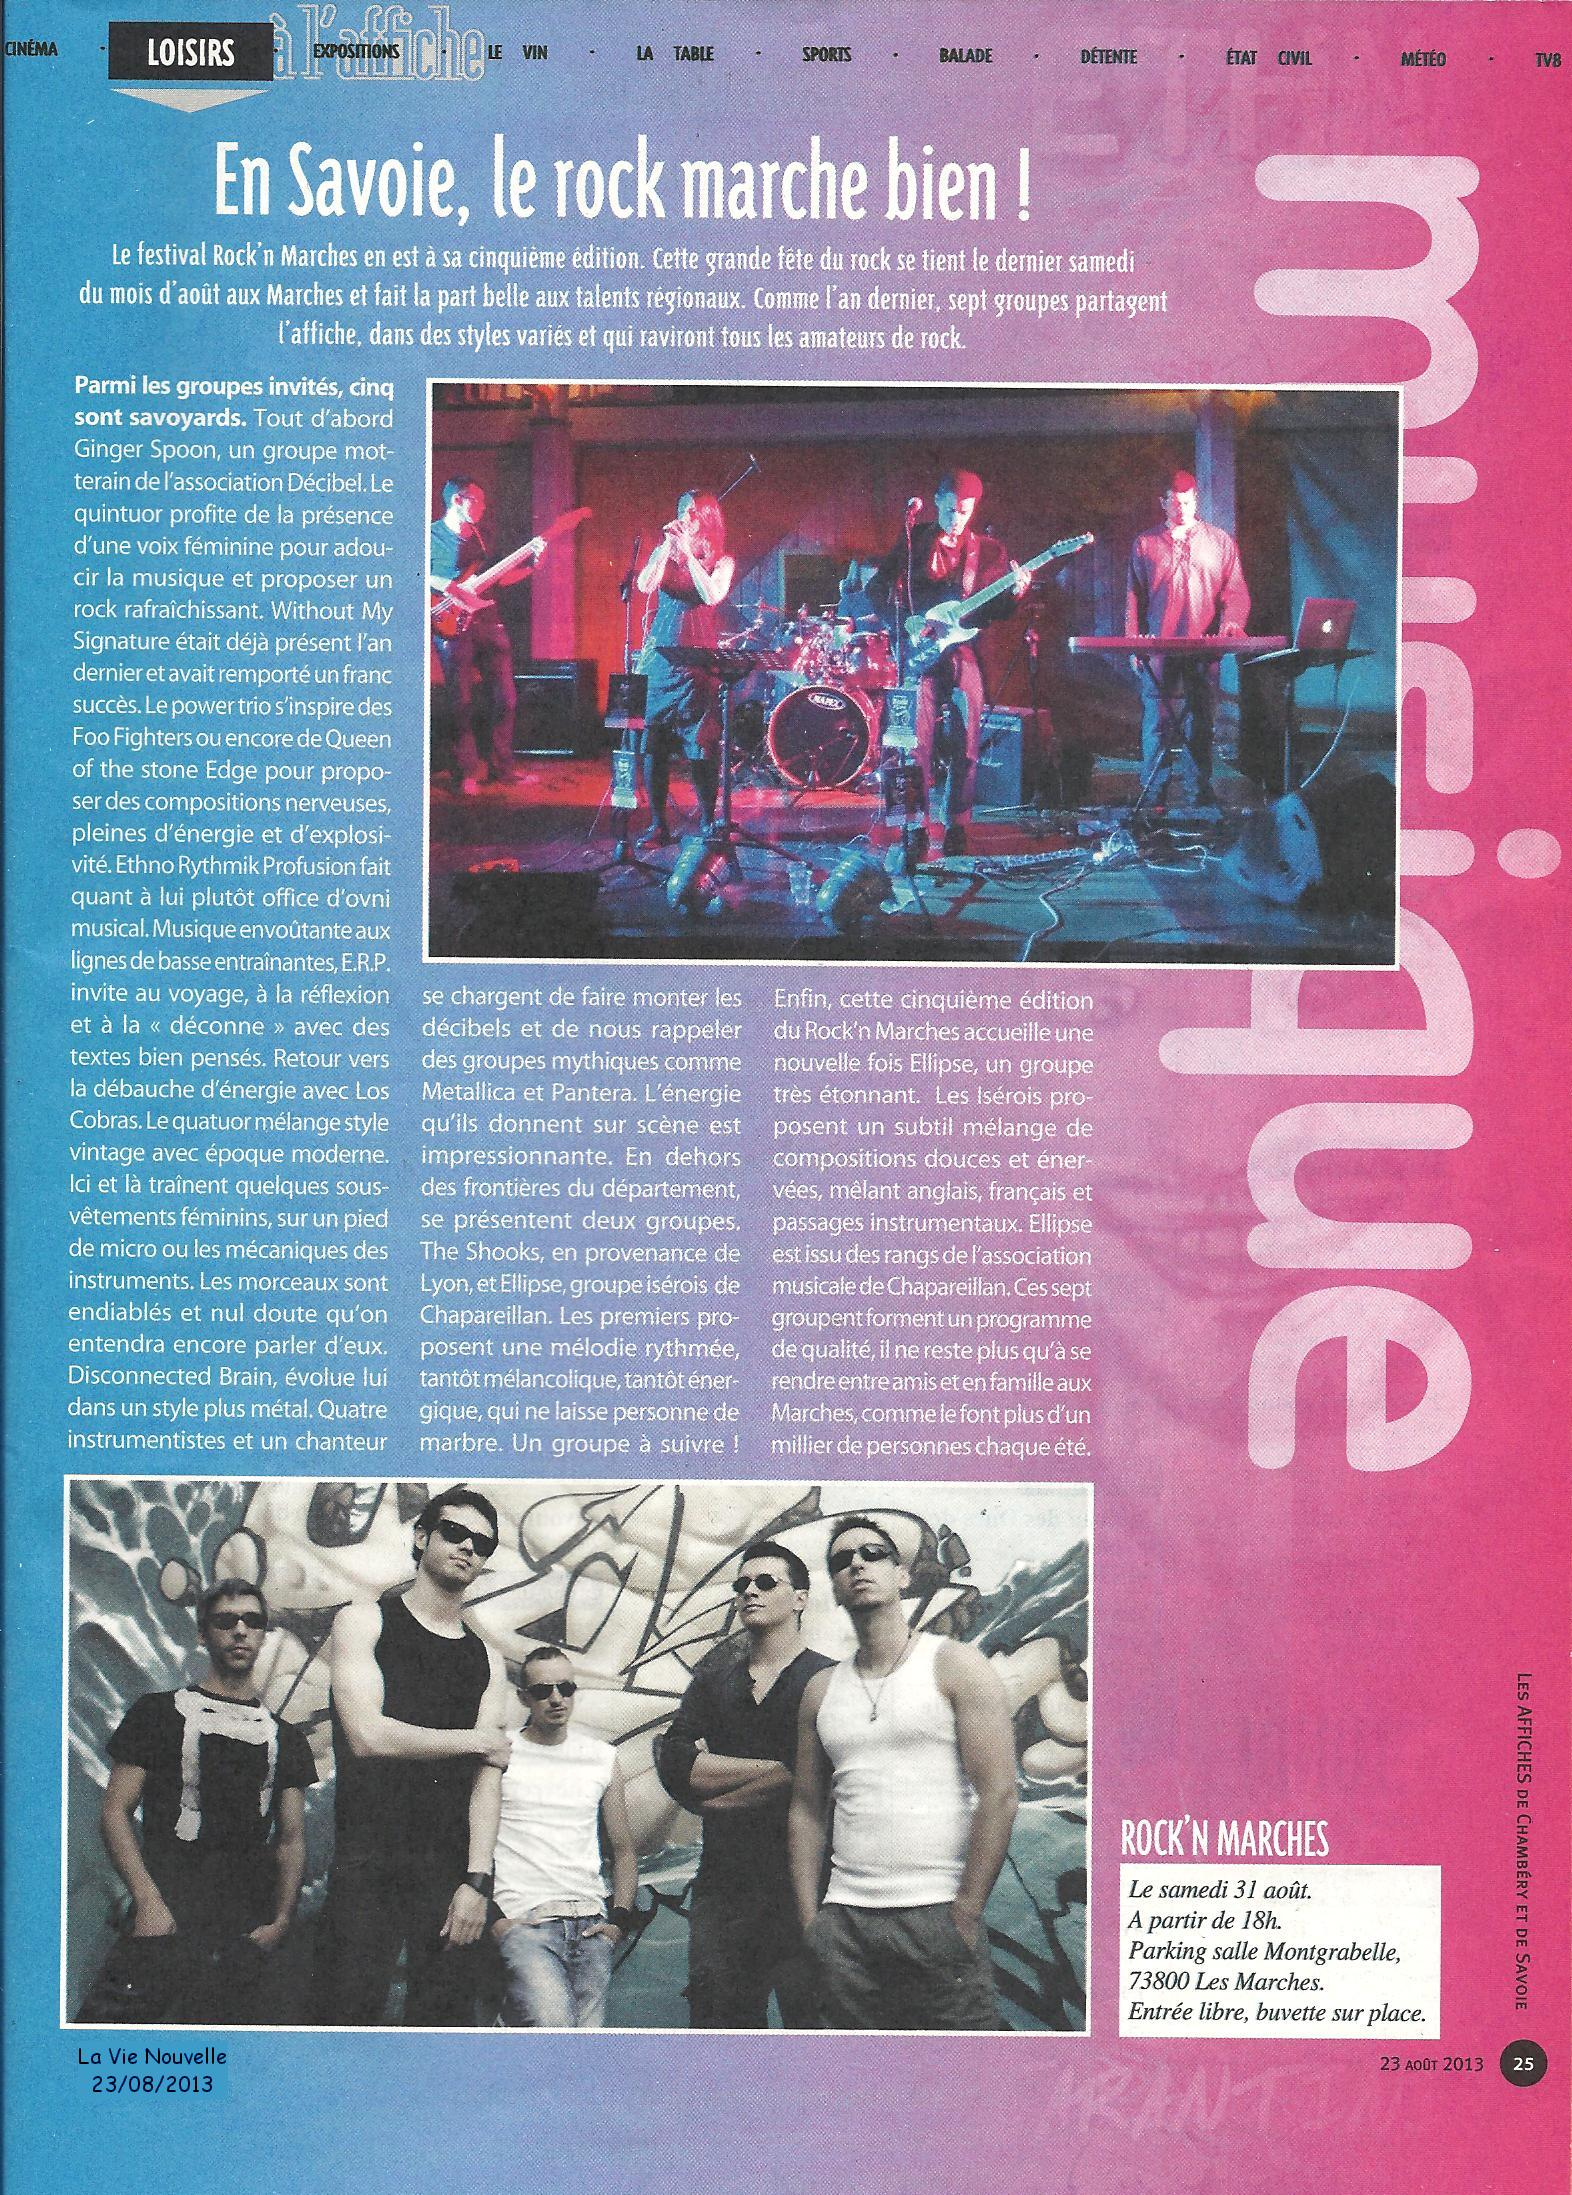 Article_VieNouvelle_2013-08-23_V2.JPG